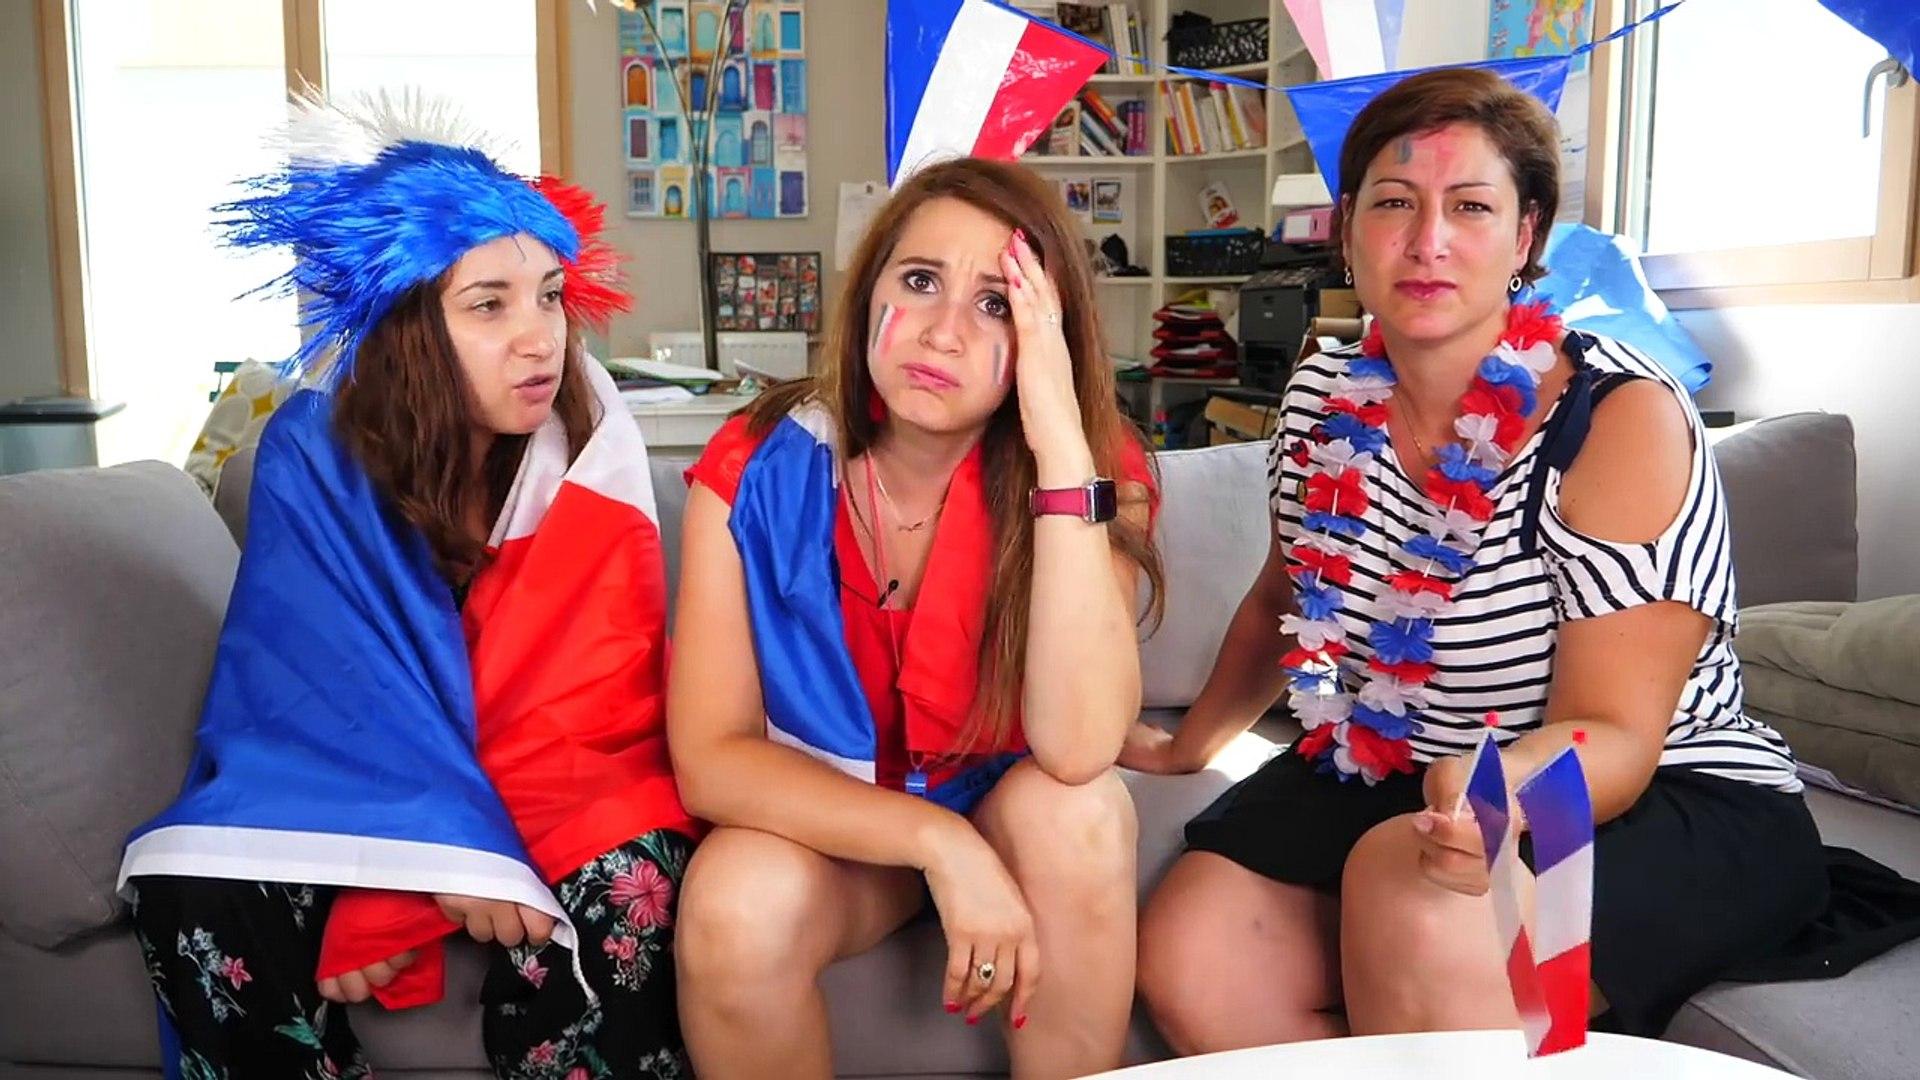 COUPE DU MONDE DE LA FIFA : ANGIE DÉLAISSE SON MEC POUR LE FOOT !! - ANGIE LA CRAZY SÉRIE